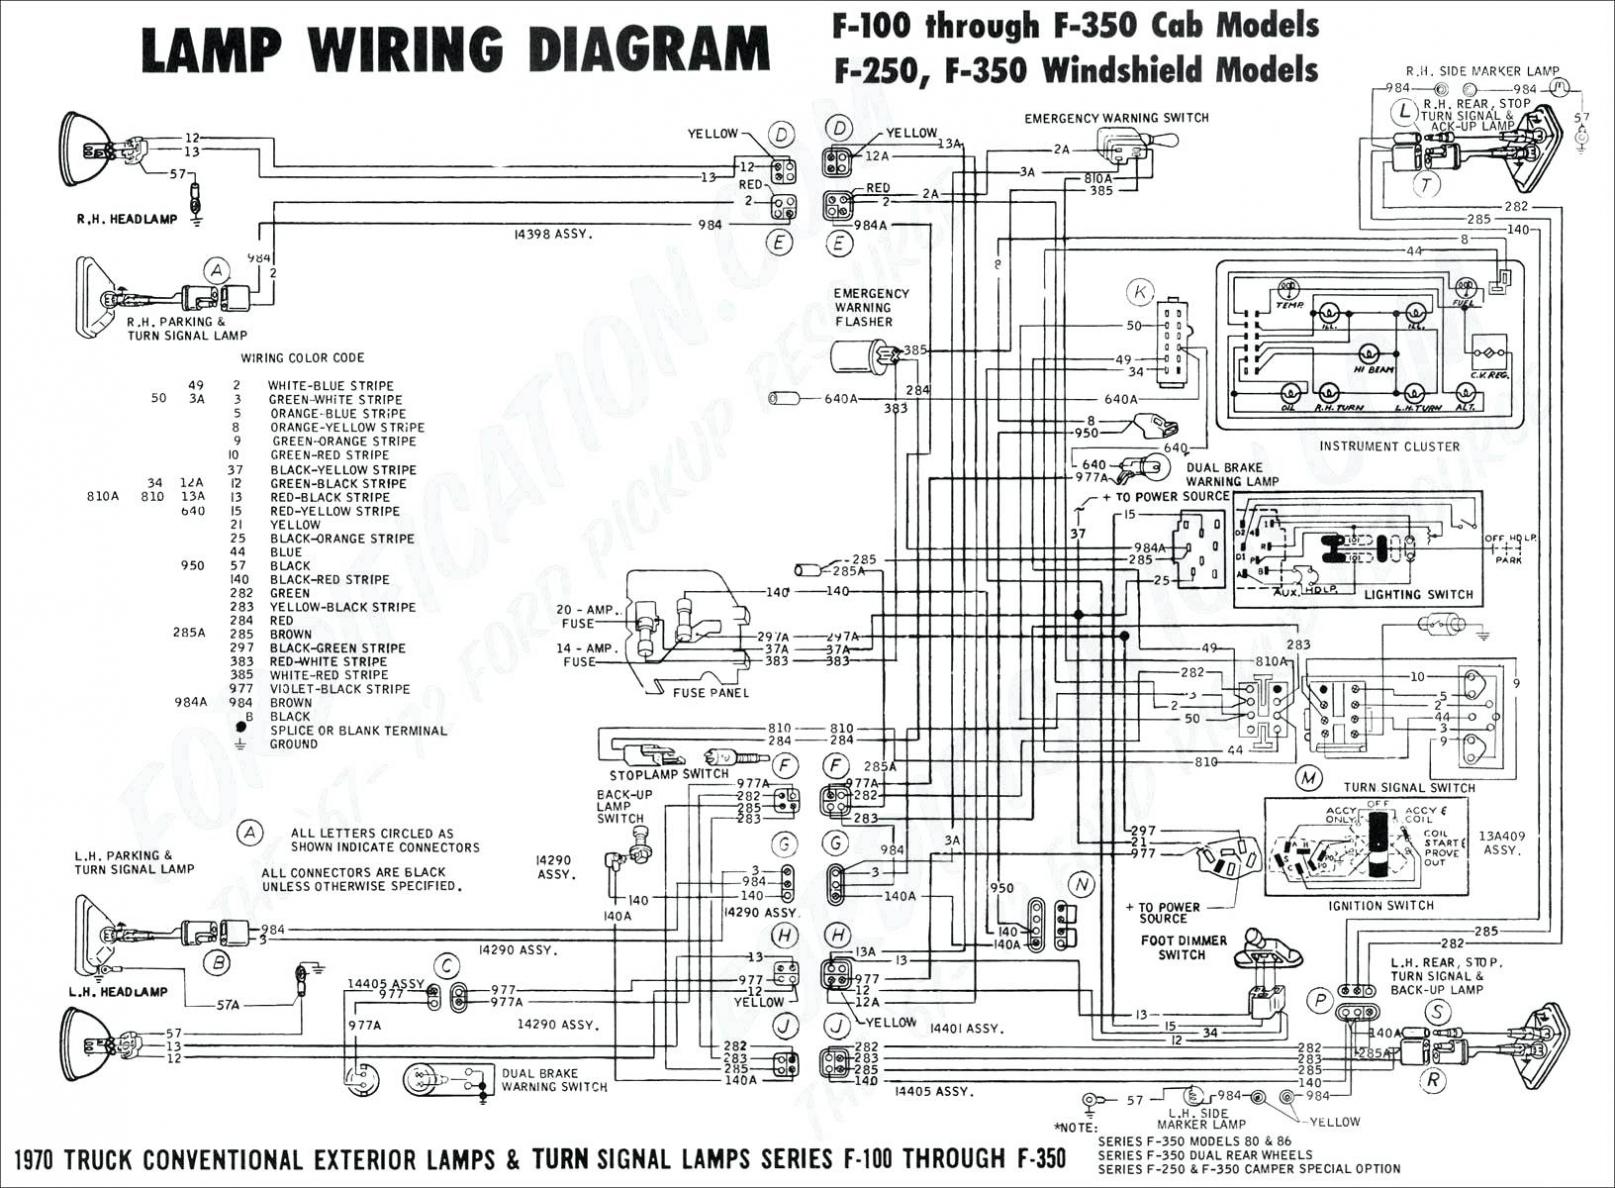 Monaco Rv Ke Light Wiring Diagrams | Wiring Diagram - Monaco Rv Wiring Diagram